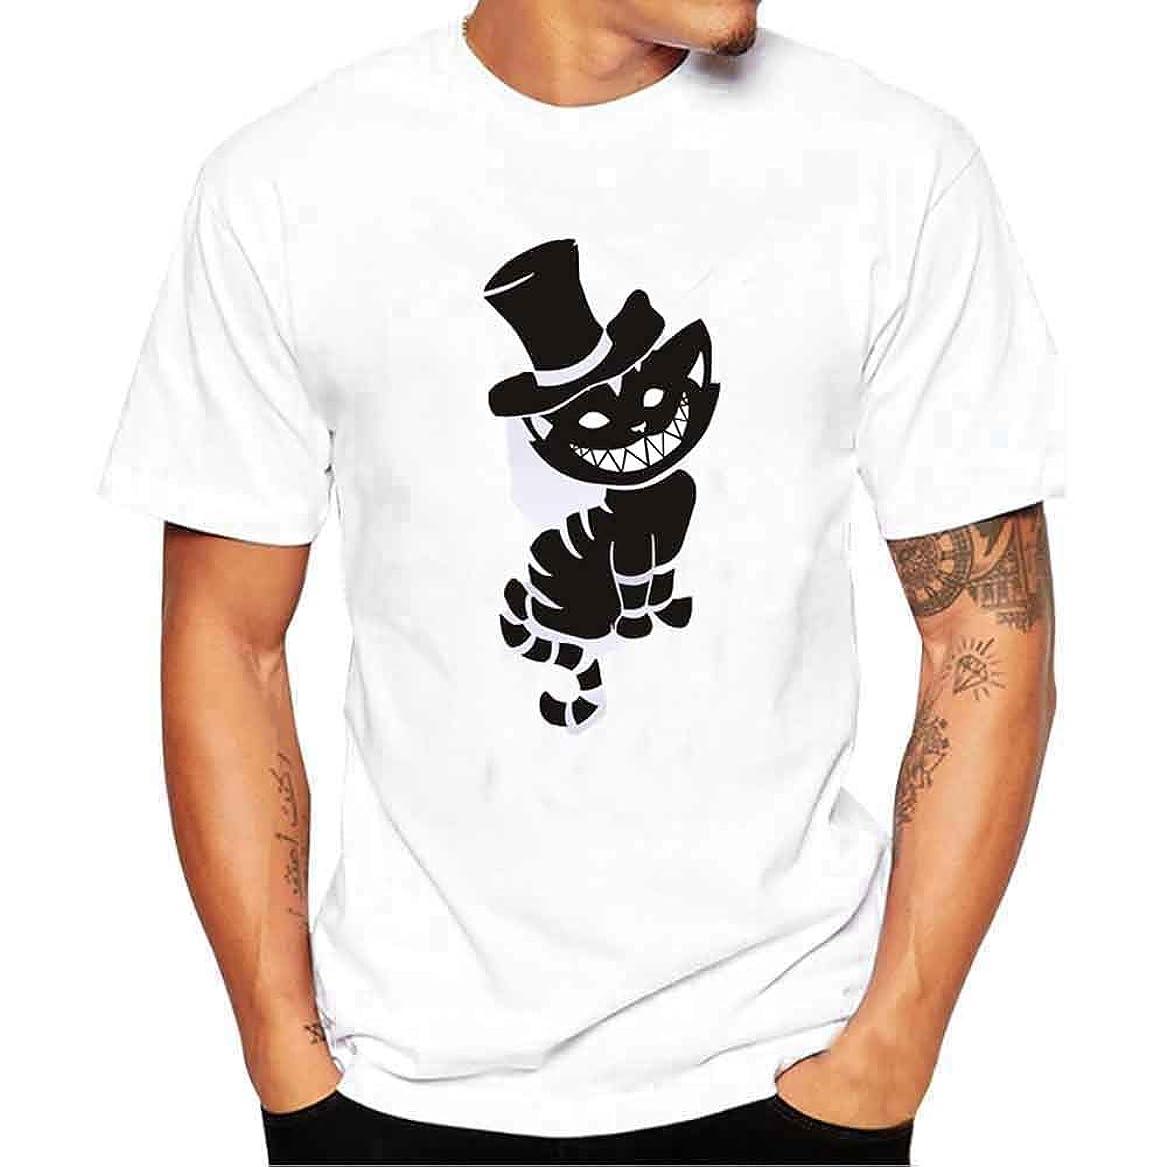 日の出センター以前はTシャツ メンズ Keysims かっこいい 猫柄 ネコ プリント かっこいい 半袖 丸襟 白tシャツ 日韓風 ゆったり 夏服 夏季対応 カジュアル 薄手 ヒップホップ ストリート 男女兼用 ファション 彼氏 男性 大きいサイズS-4XL 細身